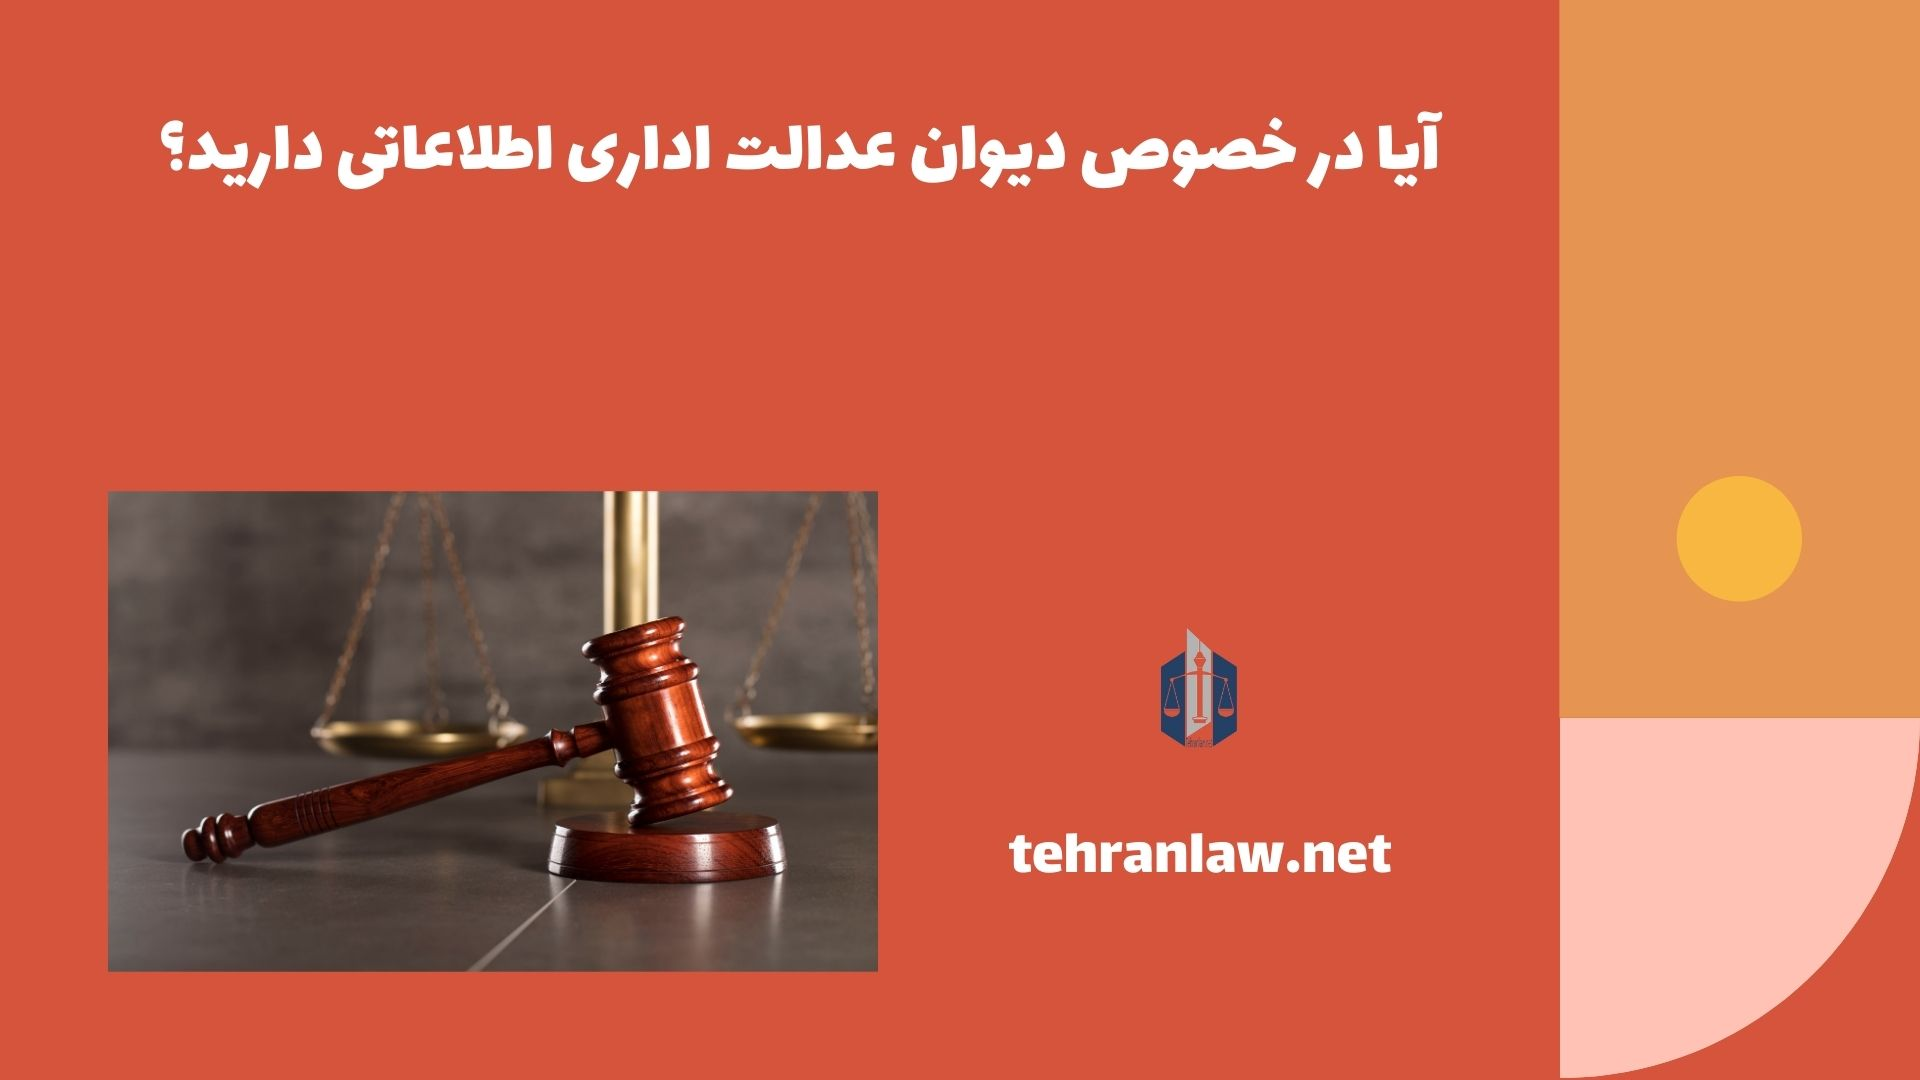 آیا در خصوص دیوان عدالت اداری اطلاعاتی دارید؟